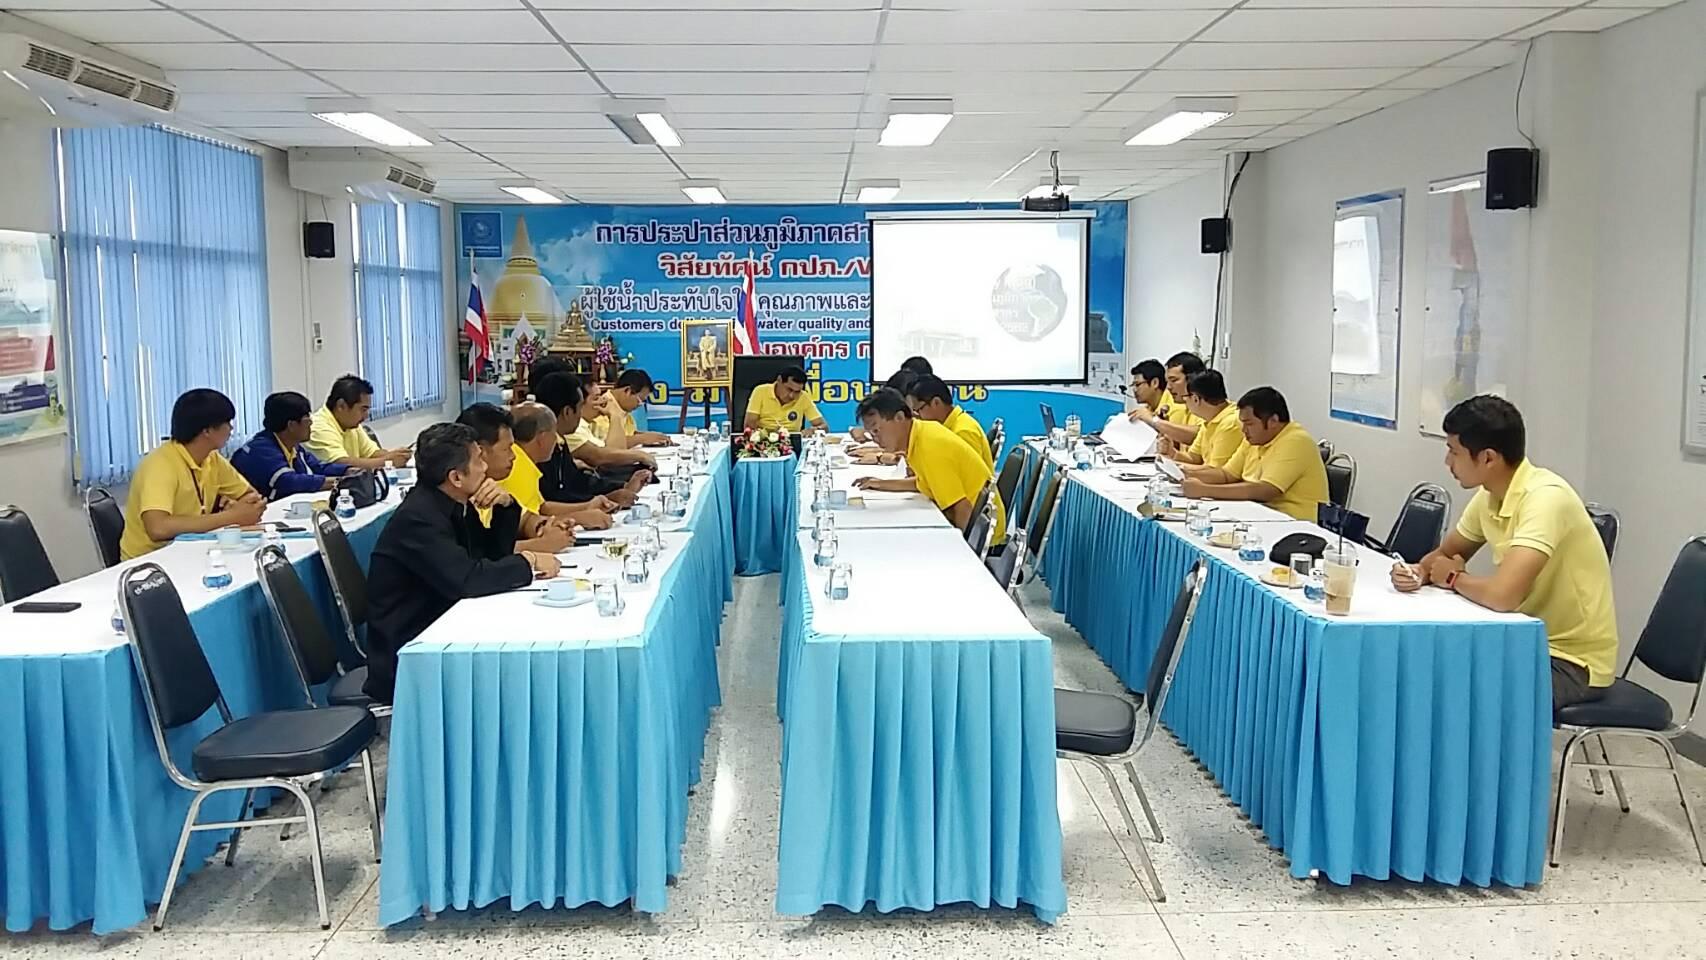 กปภ.สาขาสมุทรสาคร เข้าร่วมการประชุมติดตามผลการดำเนินการจัดการน้ำสะอาด และบำรุงรักษาเชิงป้องกัน WSP ครั้งที่ 3/25